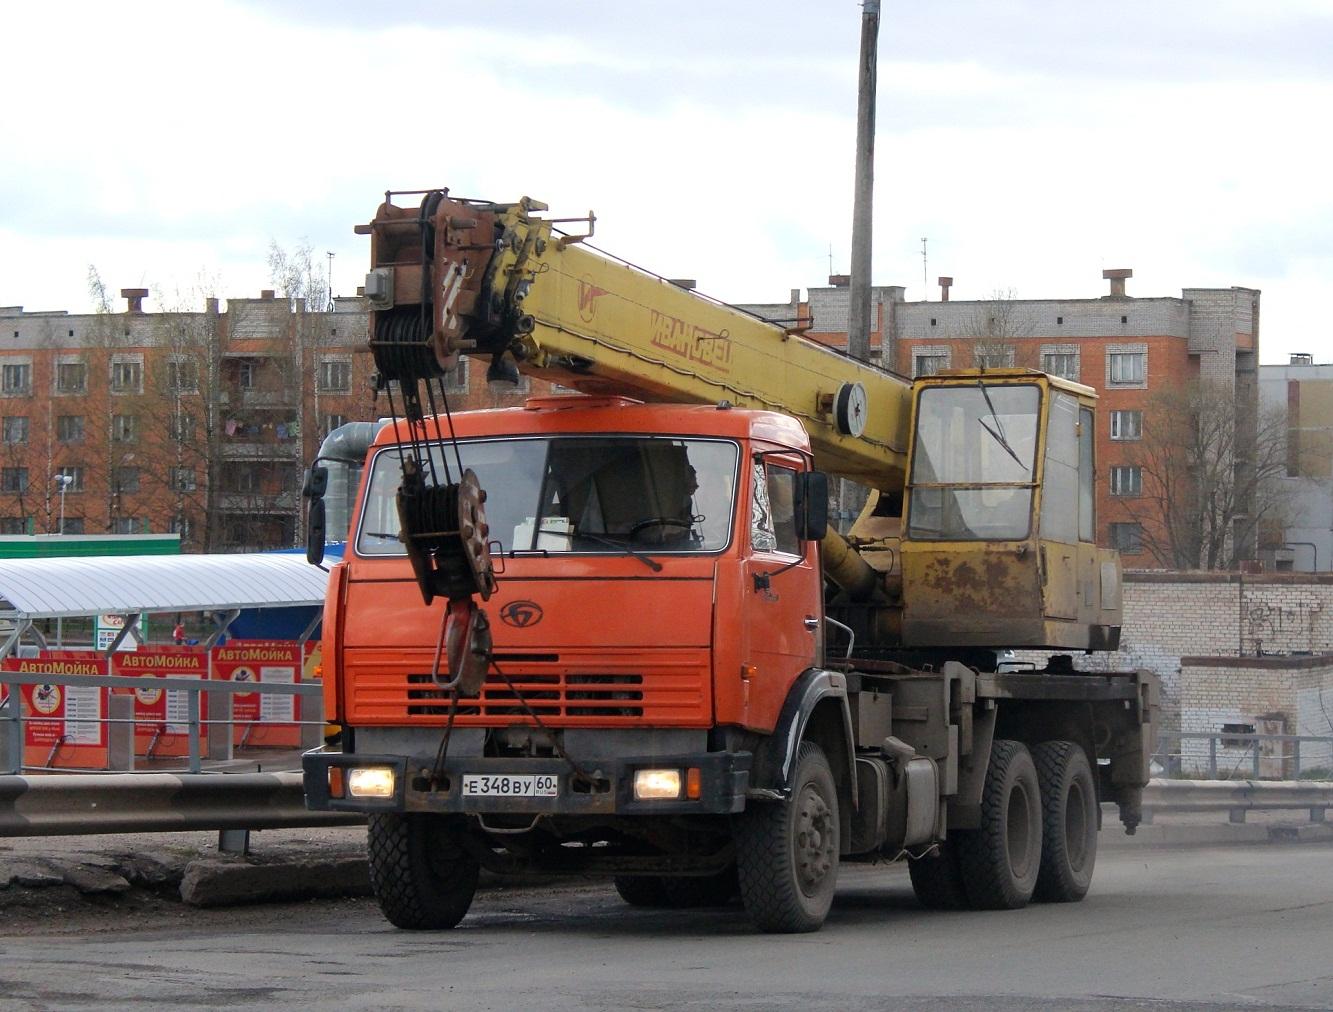 Автокран КС-54711-1 Ивановец на шасси БАЗ-8029 #Е 348 ВУ 60. Псков, Индустриальная улица